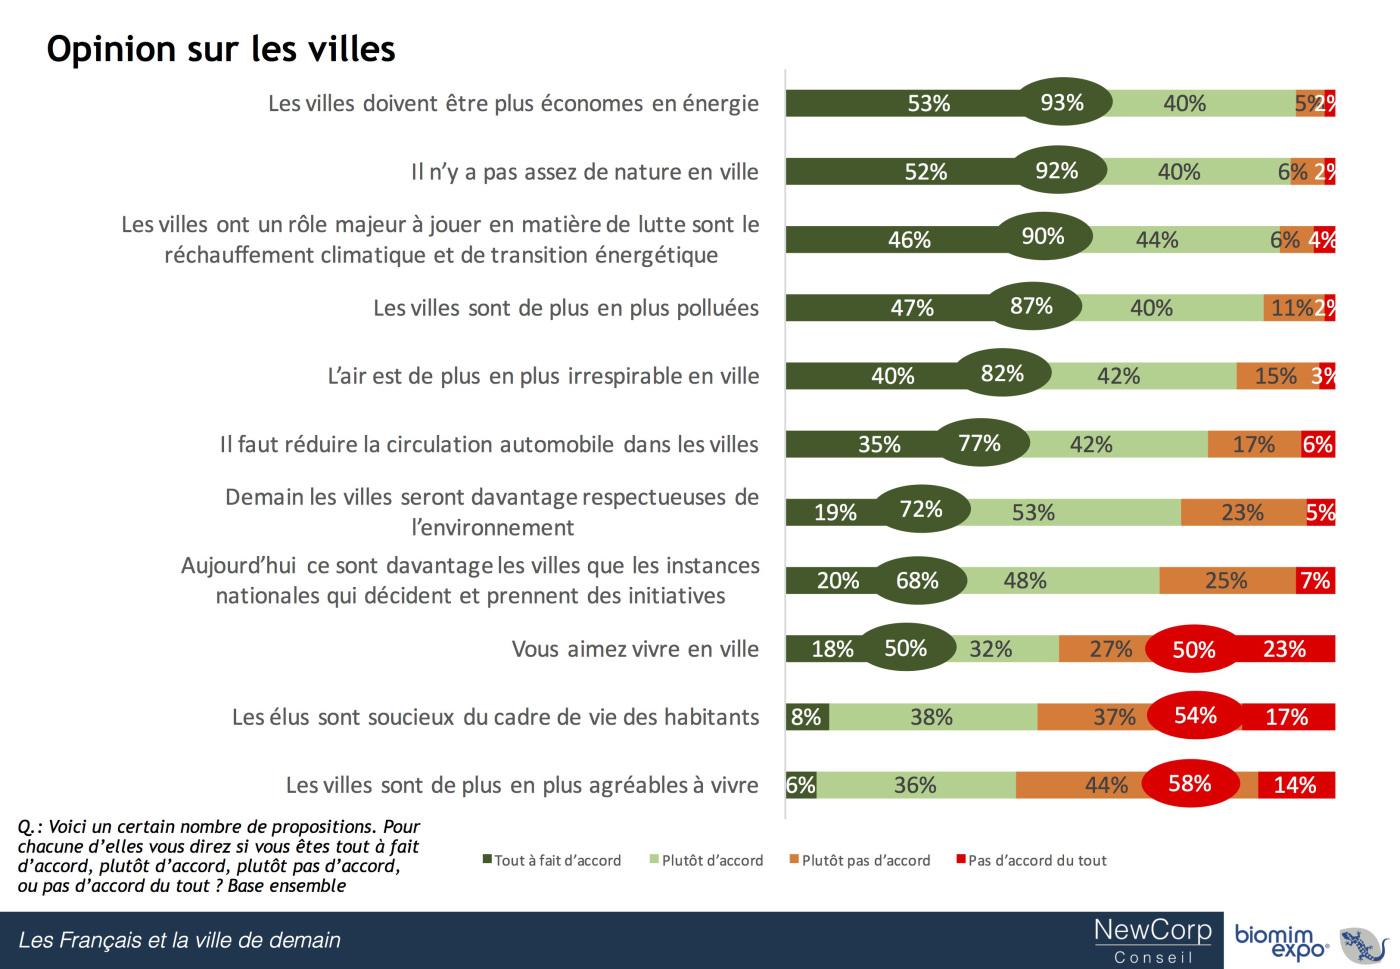 les-franccca7ais-et-la-ville-de-demain_graph-3